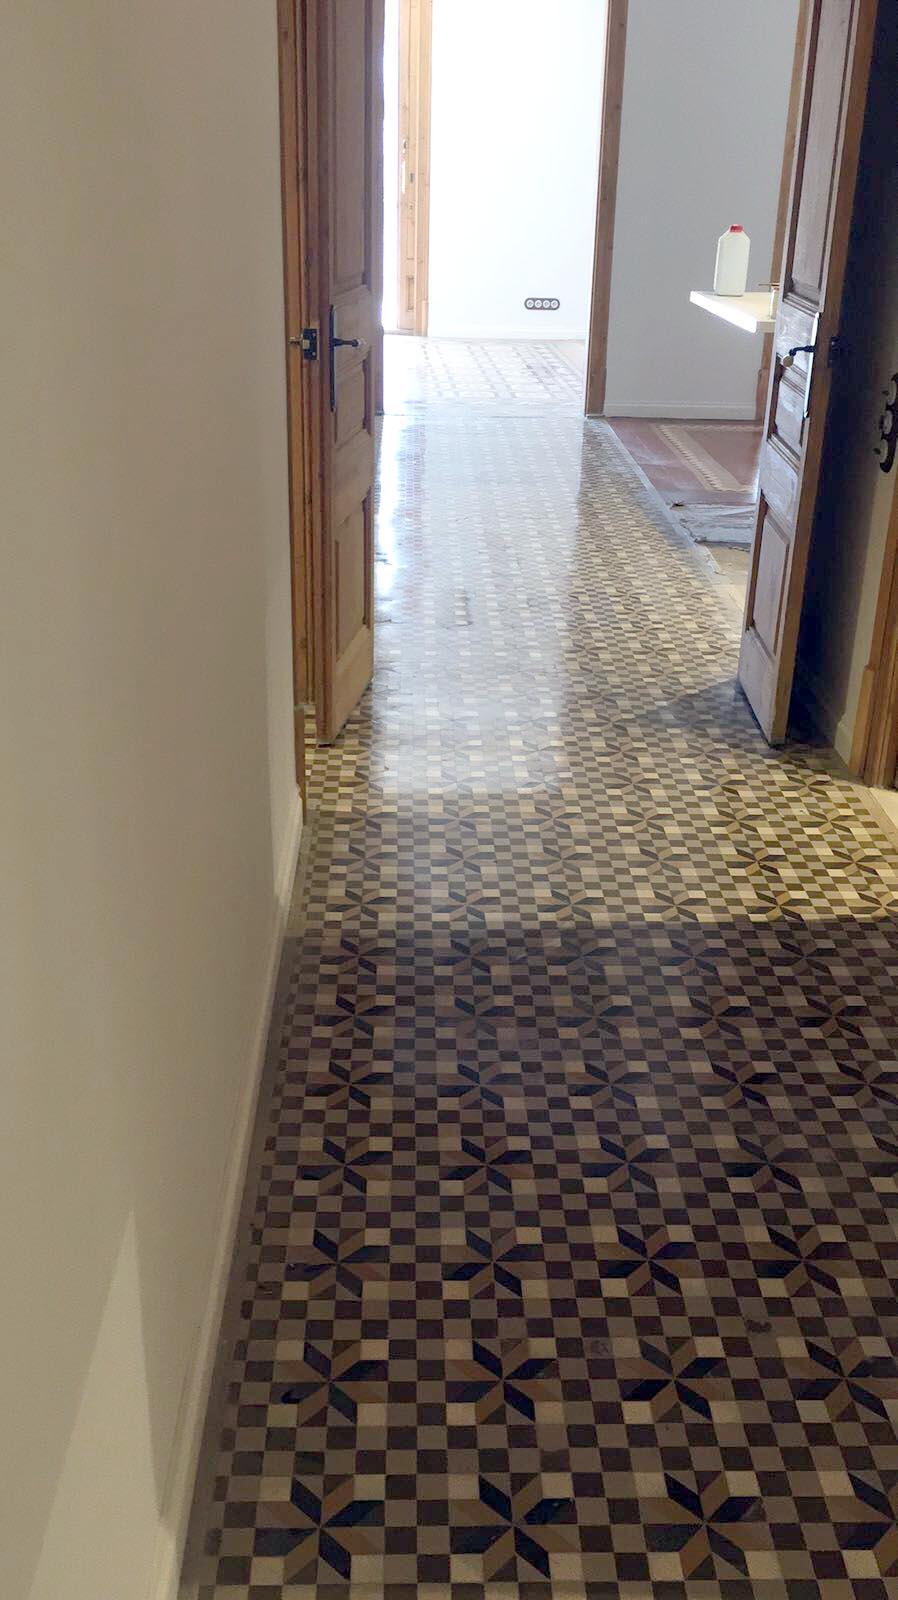 MosaicosBarcelona-Recuperacion-suelo-nolla-en-vivienda-calle-Trafalgar-Barcelona-10